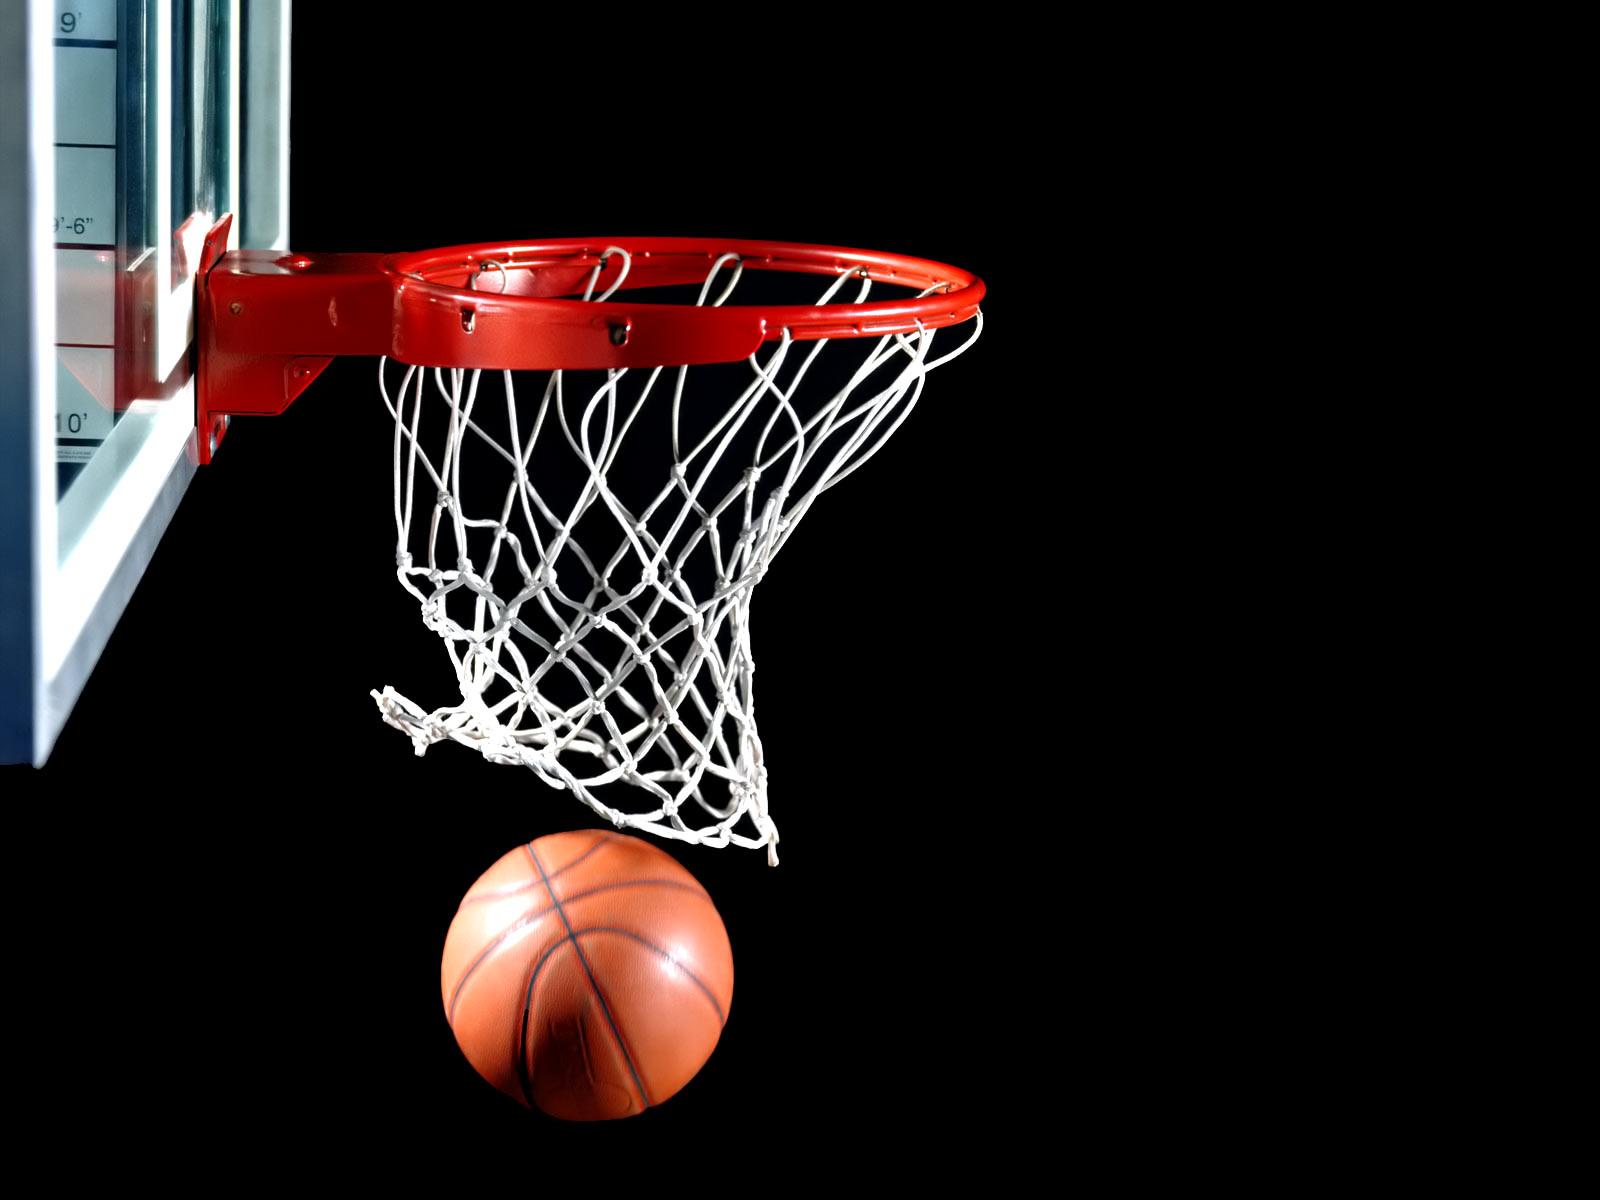 Thebesttopdesktopbasketballwallpapersbasketballwallpaper